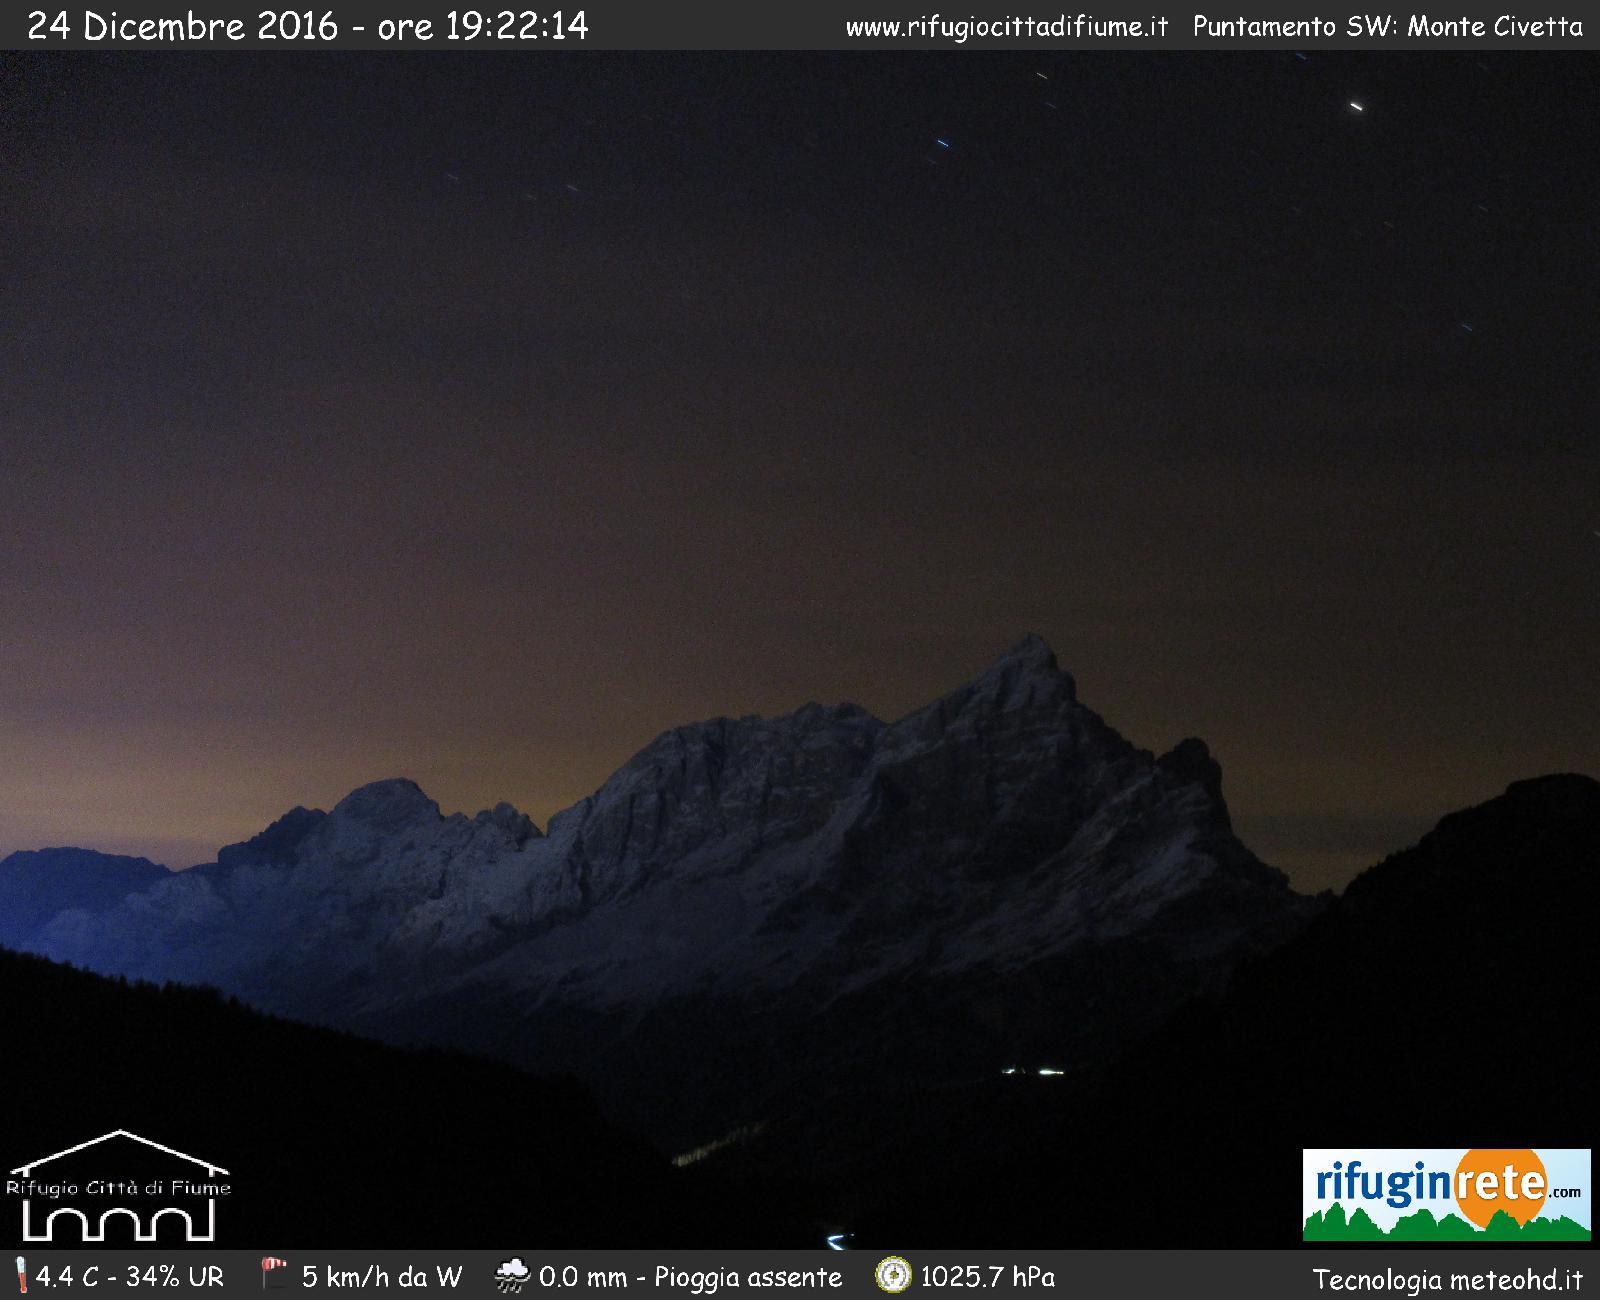 Veneto centro-settentrionale Inverno 2016-17-civetta-24-12-16.jpg